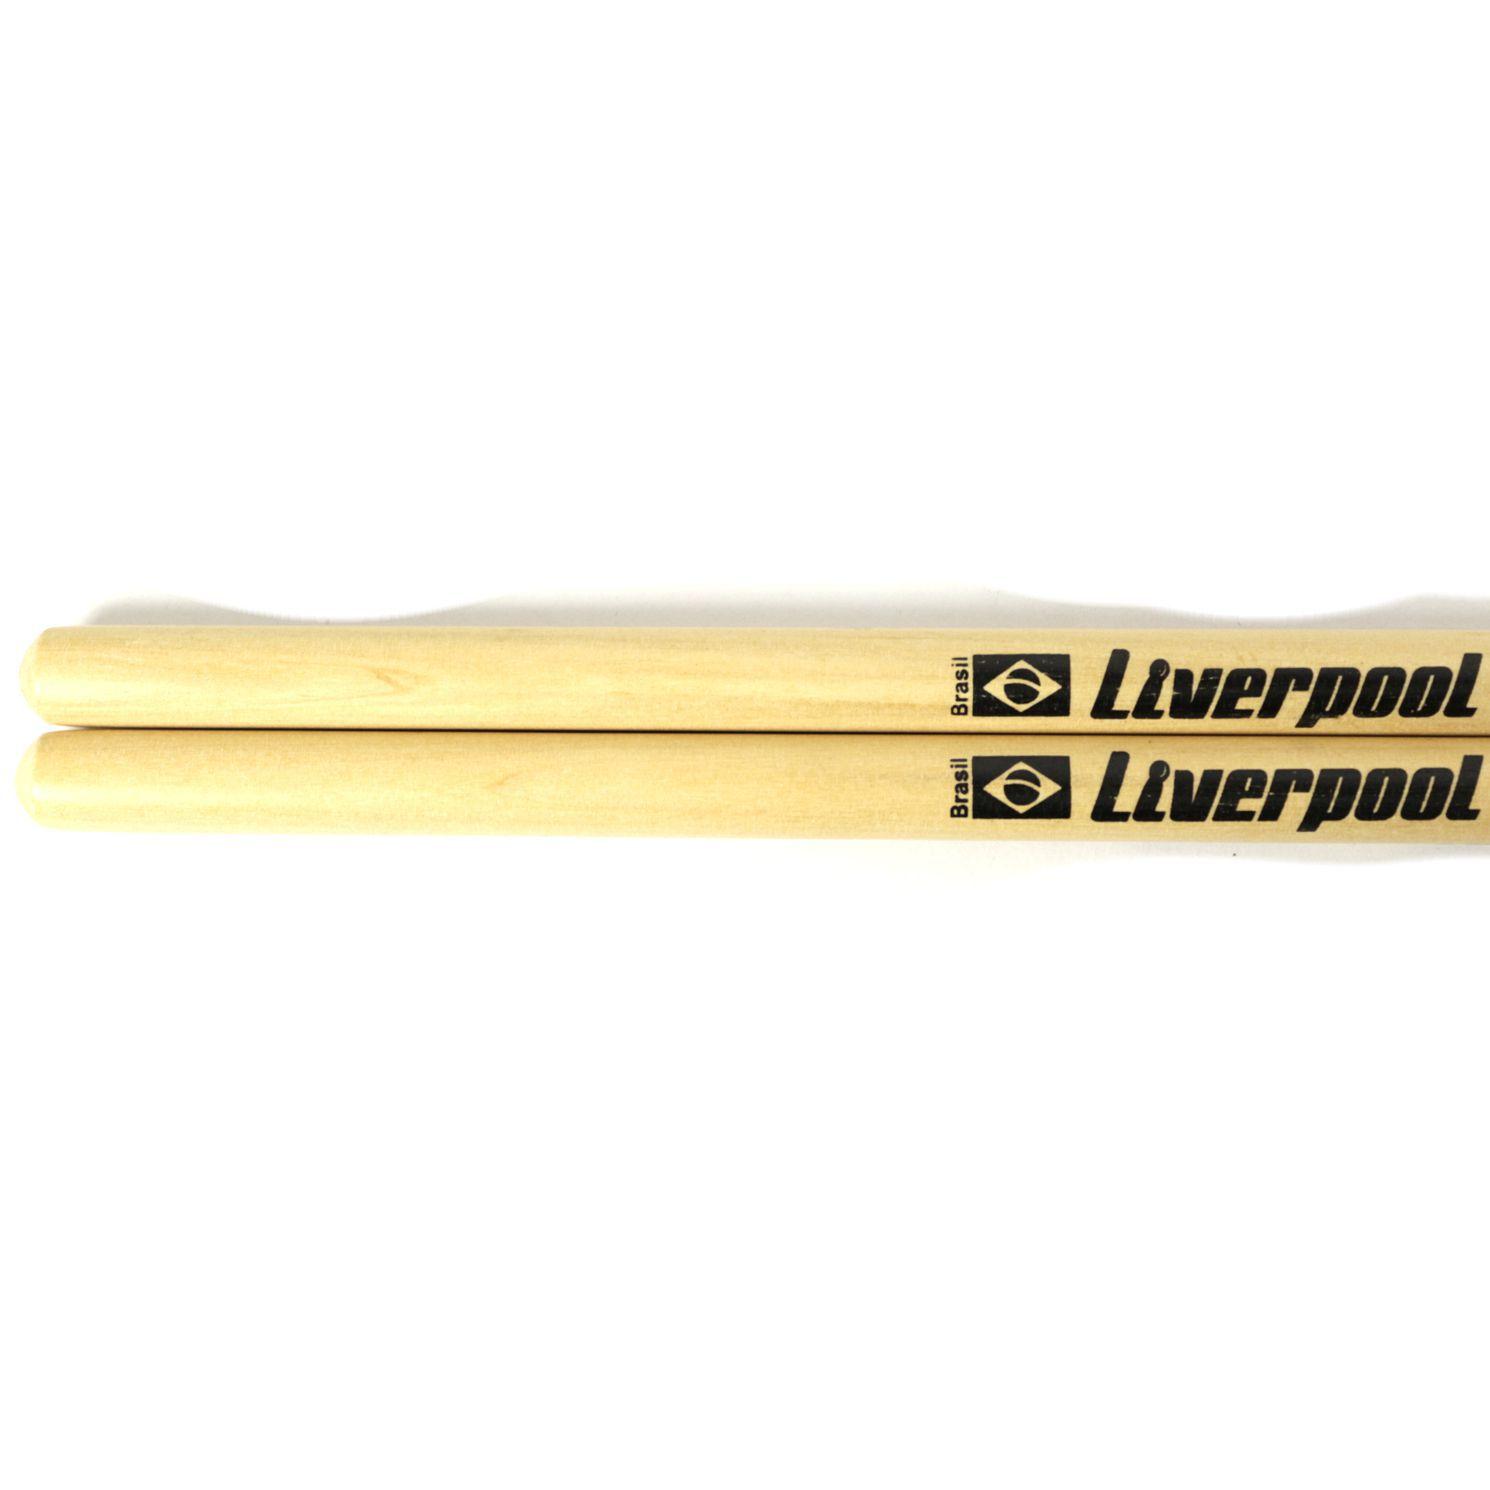 Baquetas 5A em Marfim Liverpool Classic Series Ponta de NYLON LL 5AN - Pacote com 05 Unidades